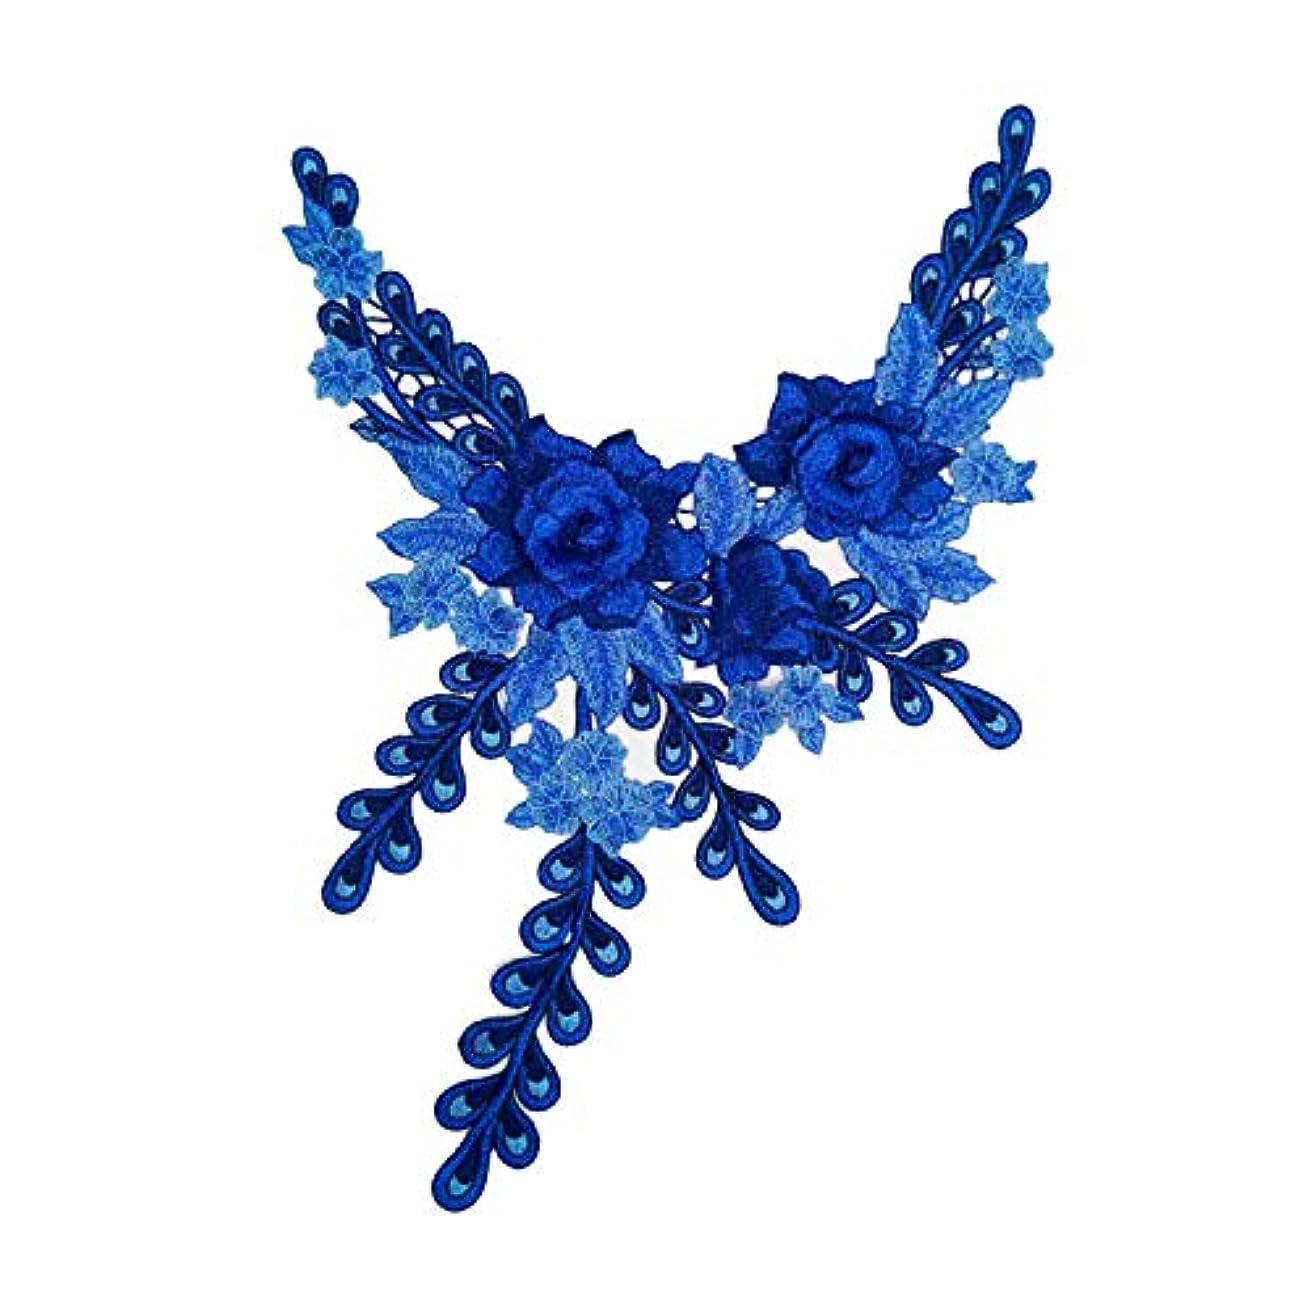 1 Pcs 3D Venice Lace Fabric Dress Applique Motif Blouse Sewing Trims DIY Neckline Collar Costume Decoration Accessories (Blue)